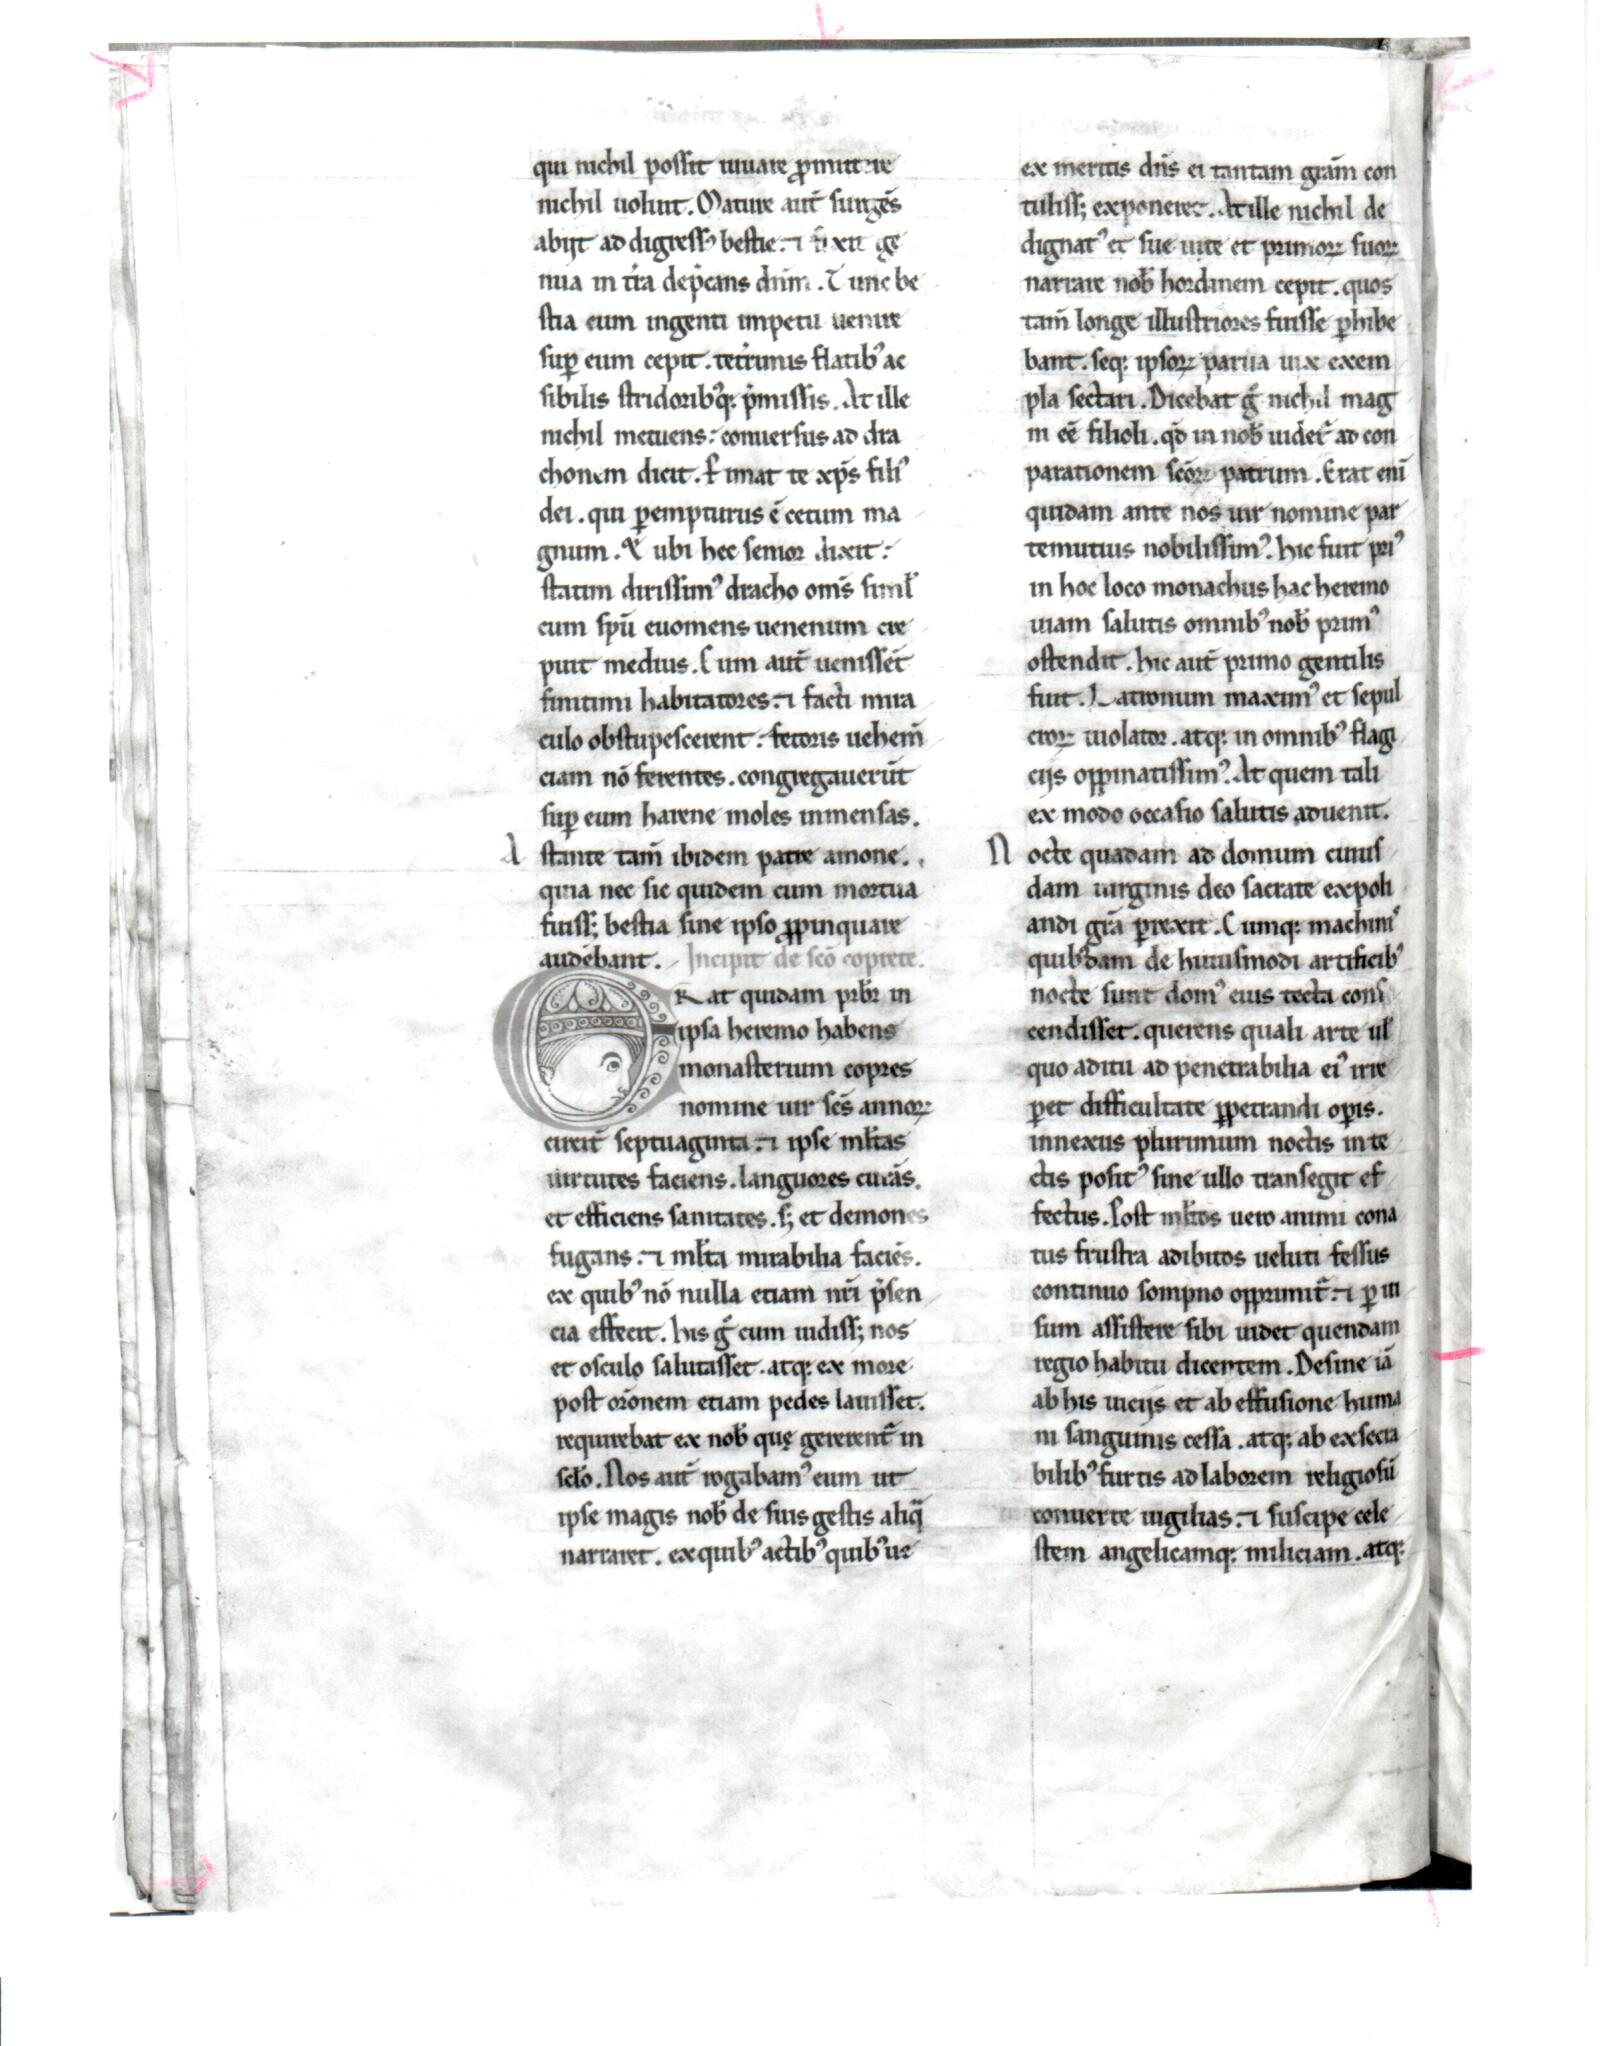 73. Beinecke MS 625, f. 12v.